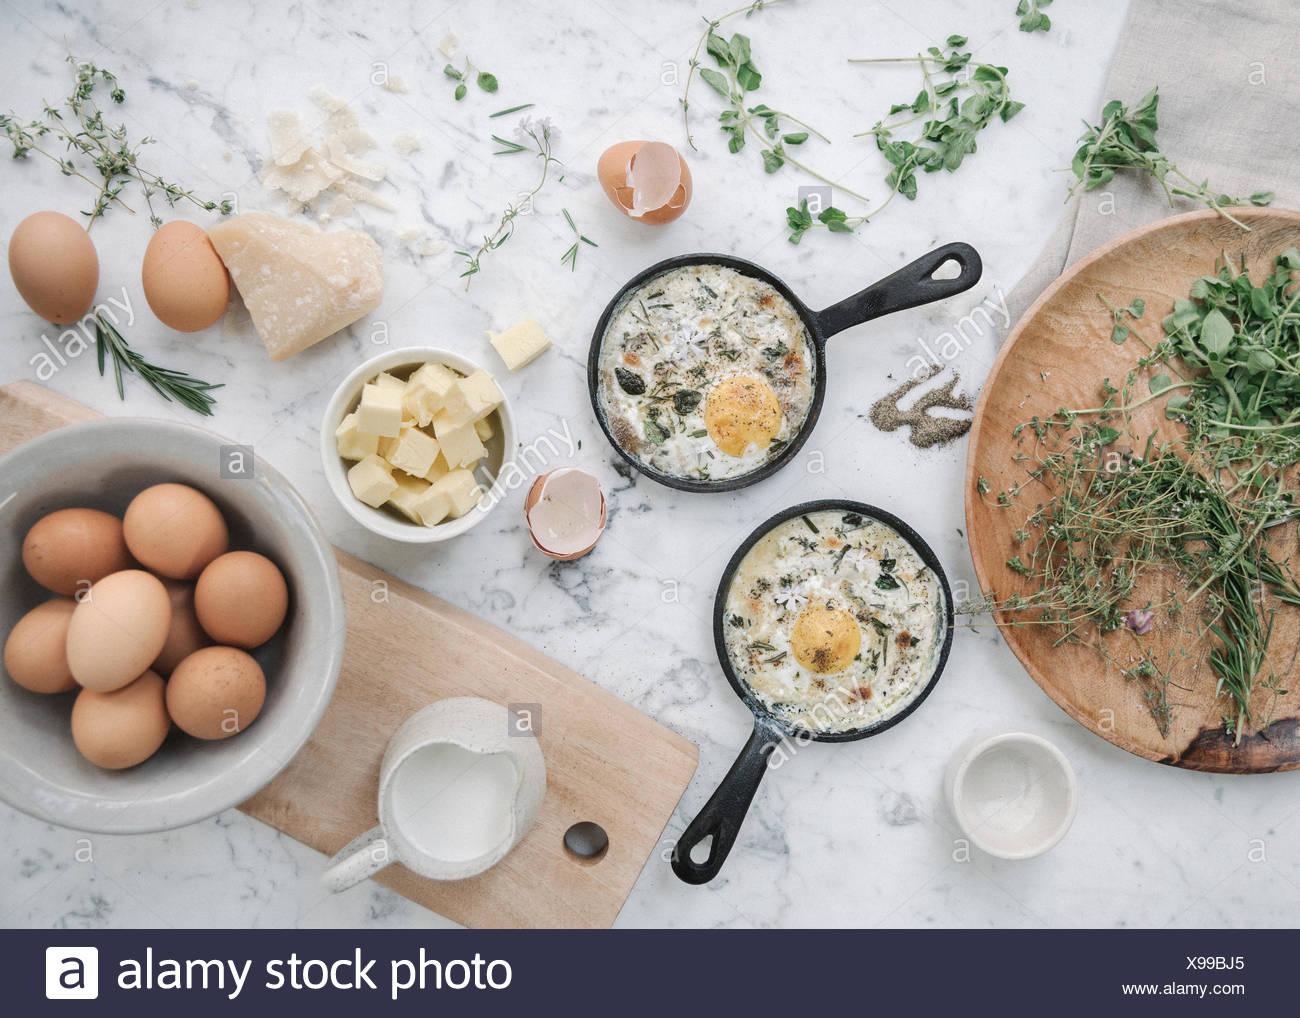 Draufsicht auf einen Tisch mit Speisen in Gerichten. Stockbild